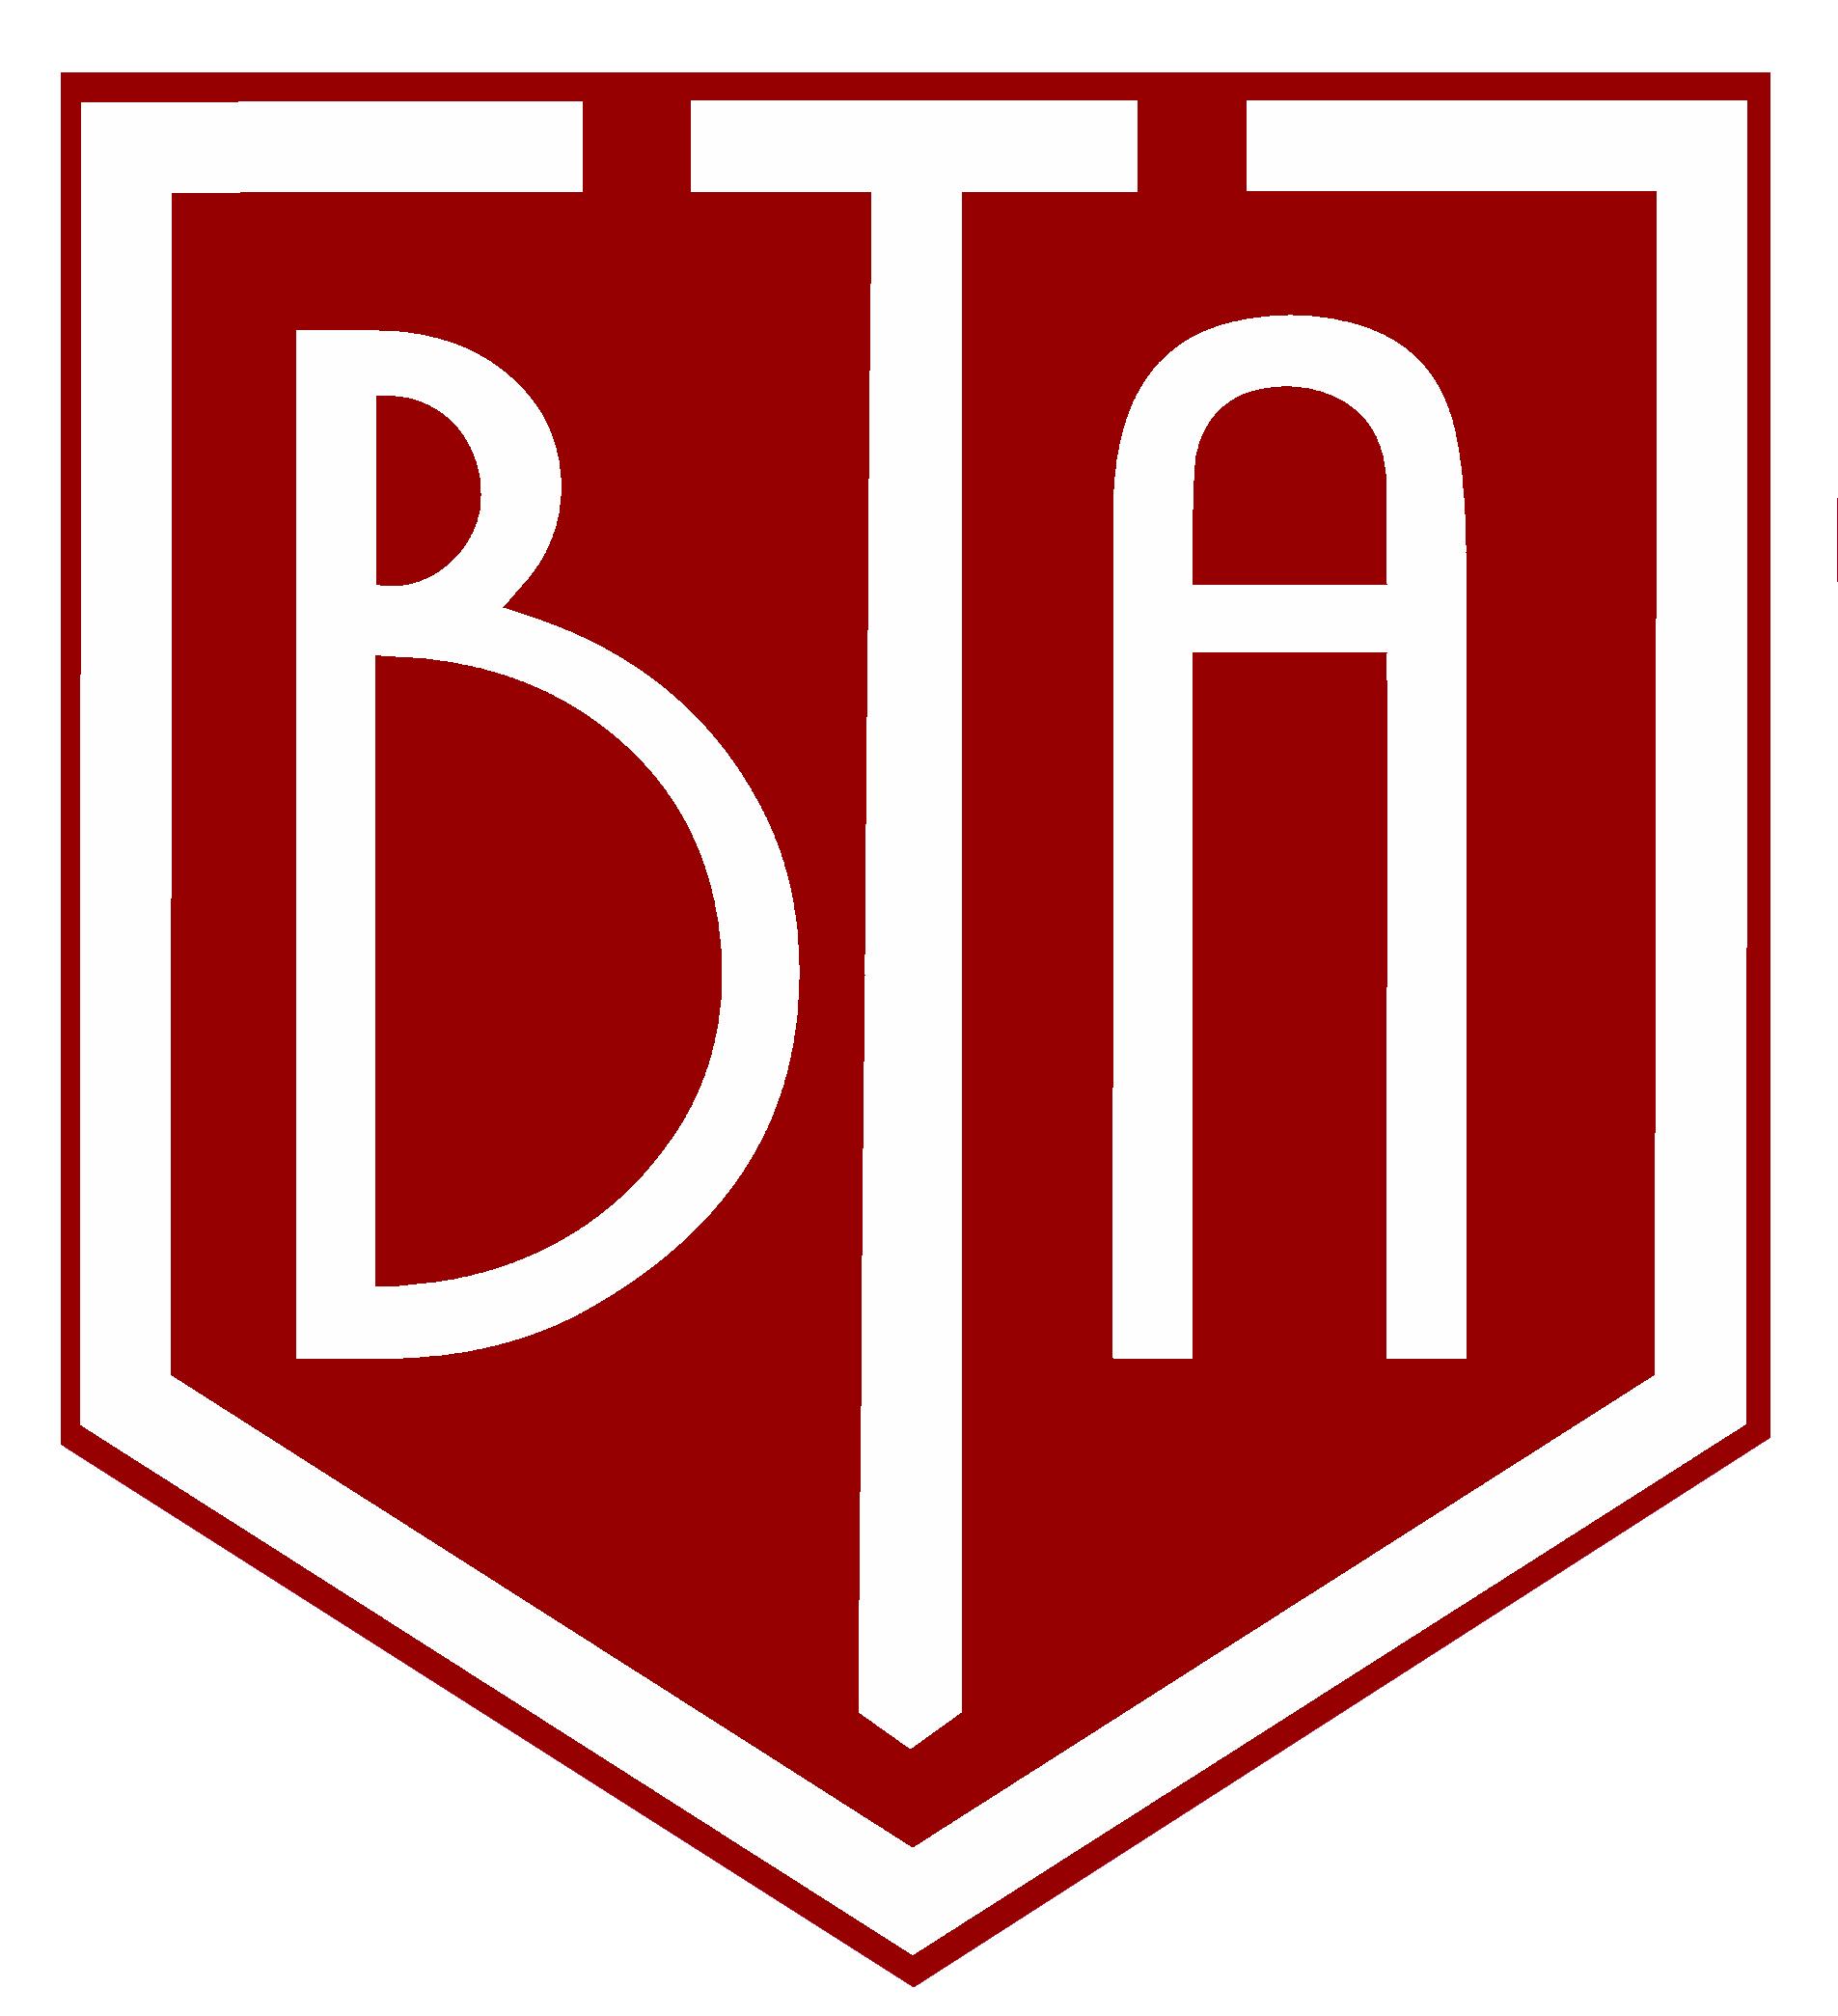 BTA Transports